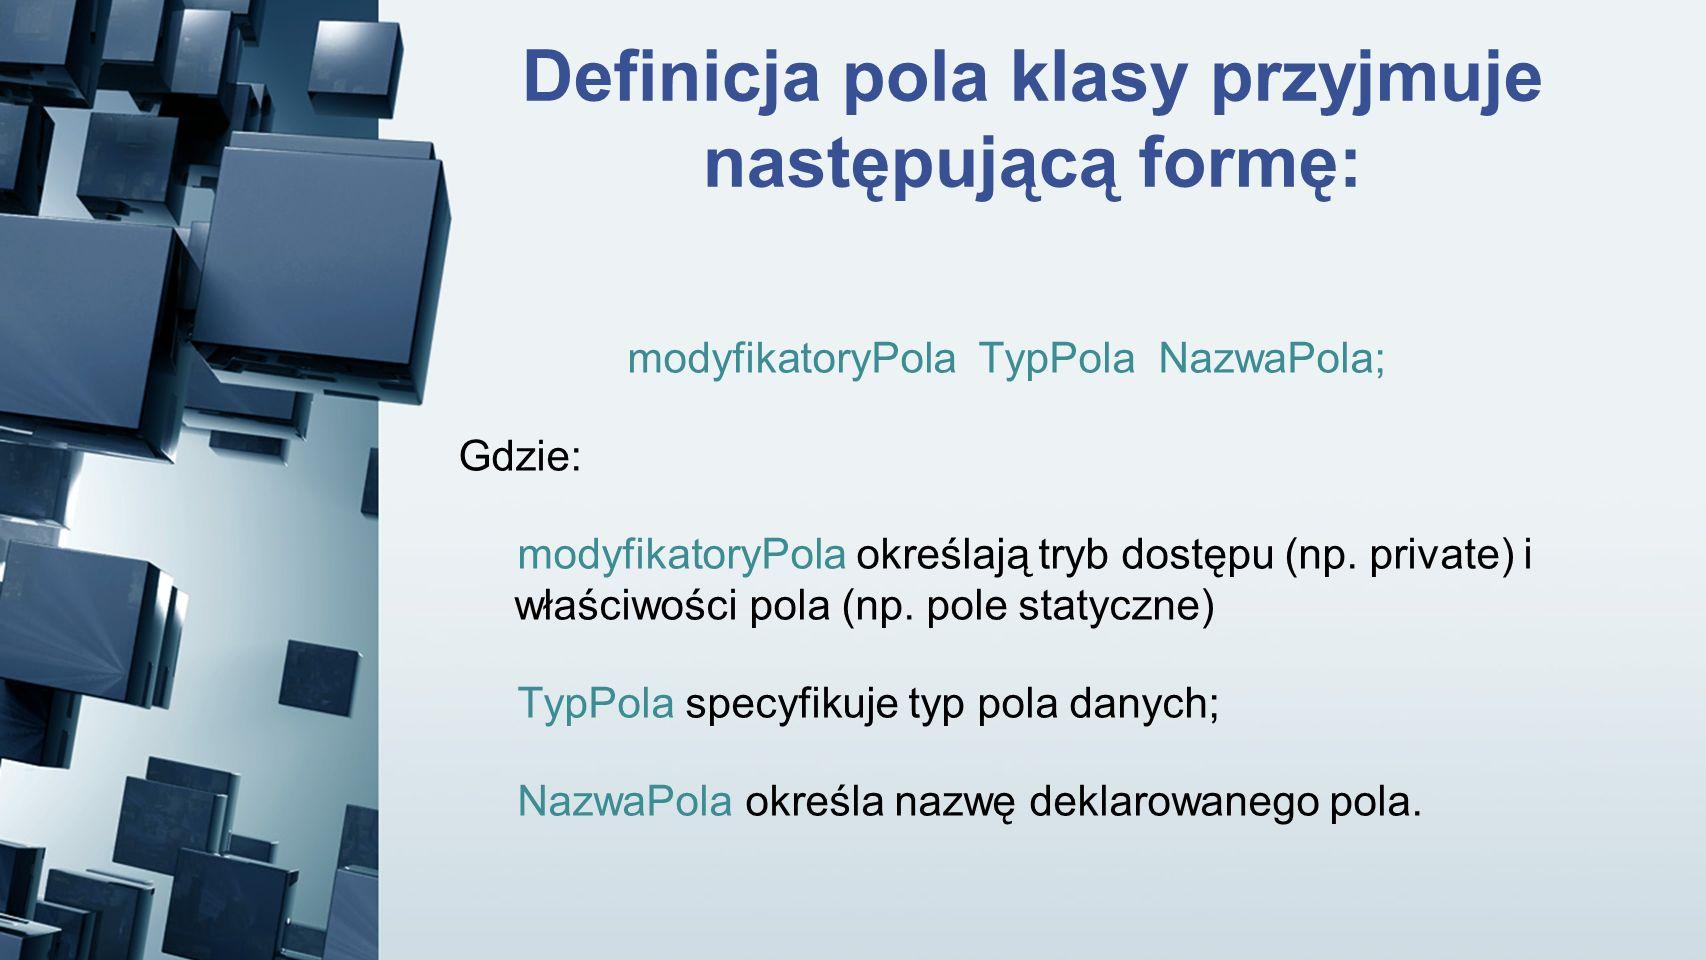 Definicja pola klasy przyjmuje następującą formę: